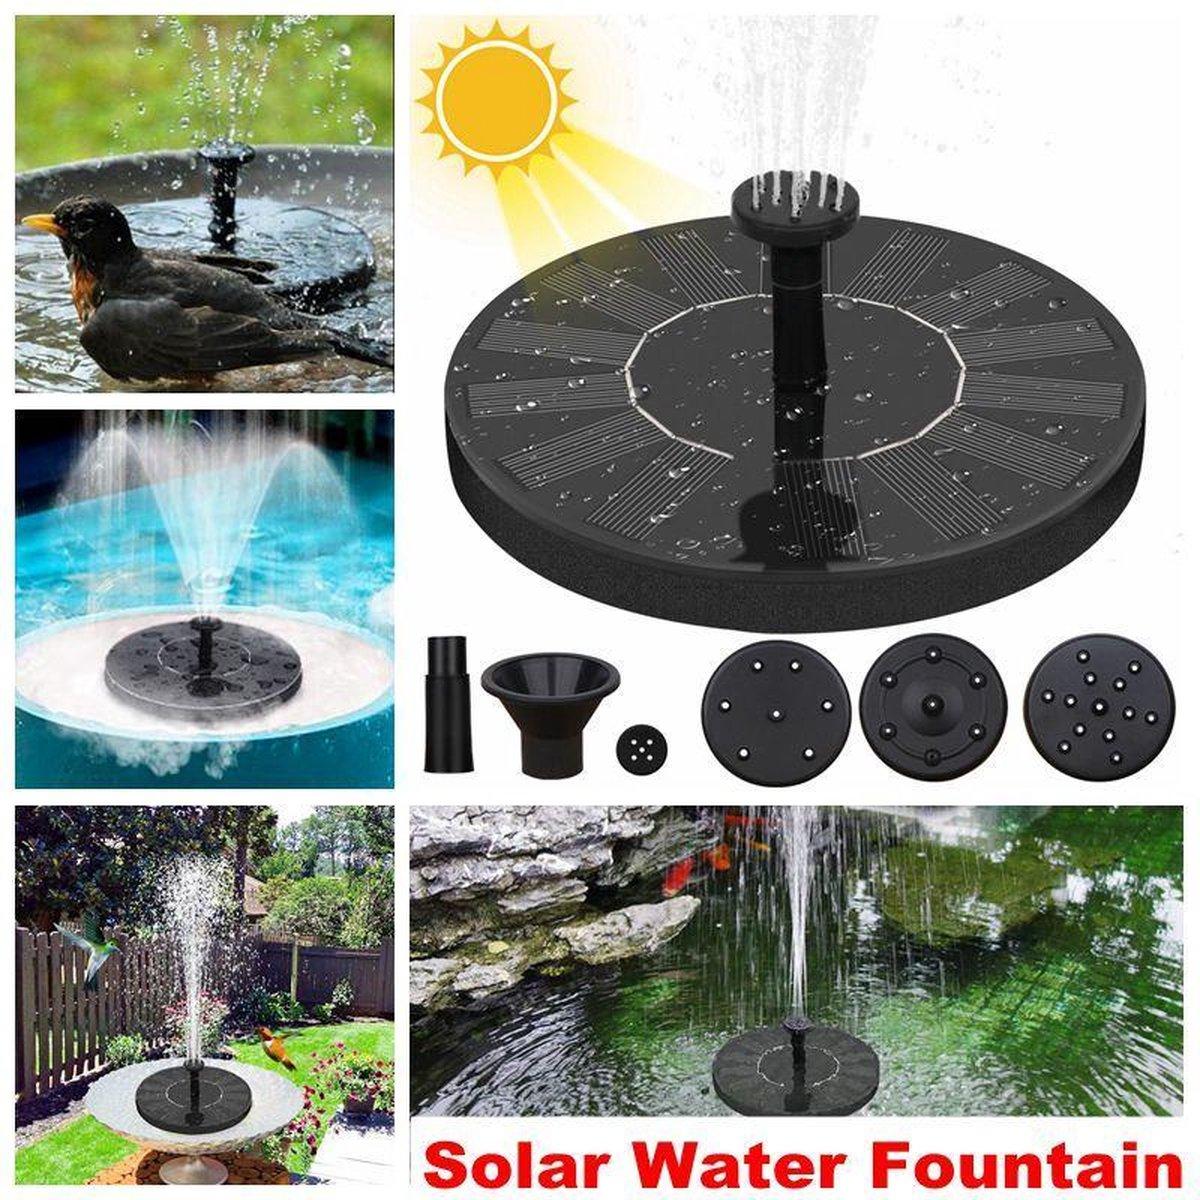 4x Solar Fontein - met een diameter van ca 13 cm - werkt op Zonne-energie - voor in de tuin of op balkon - geschikt voor in een vijver of waterschaal - drijvende fontein zonder snoer - alleen voor buiten